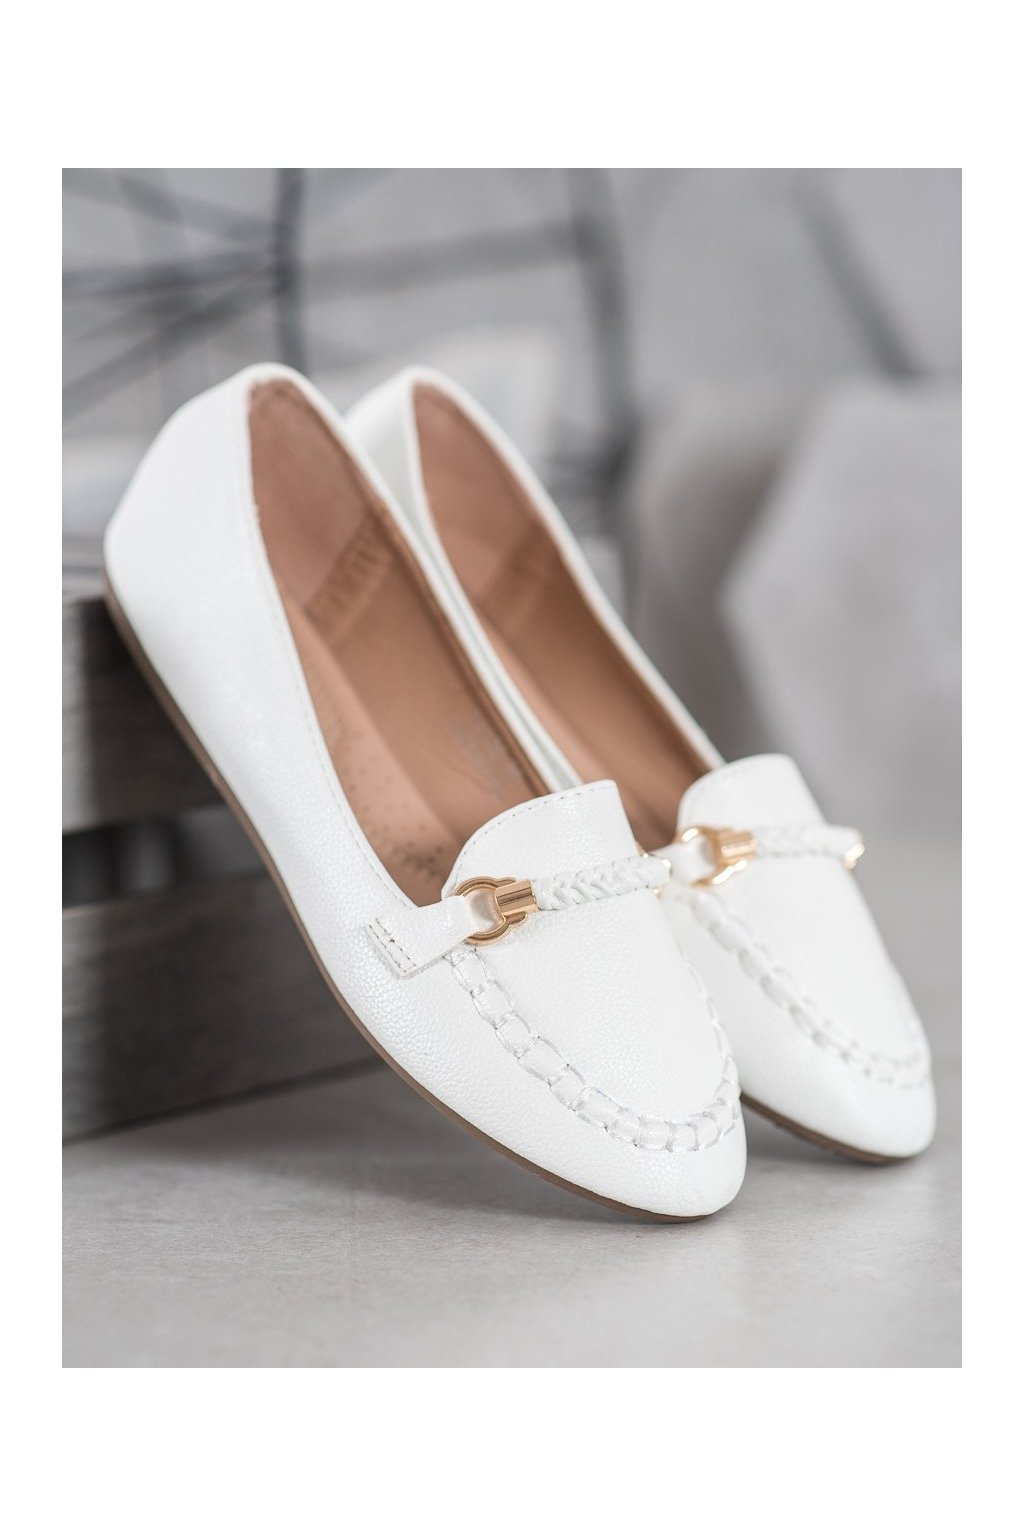 Biele dámske baleríny Shelovet NJSK A8636W